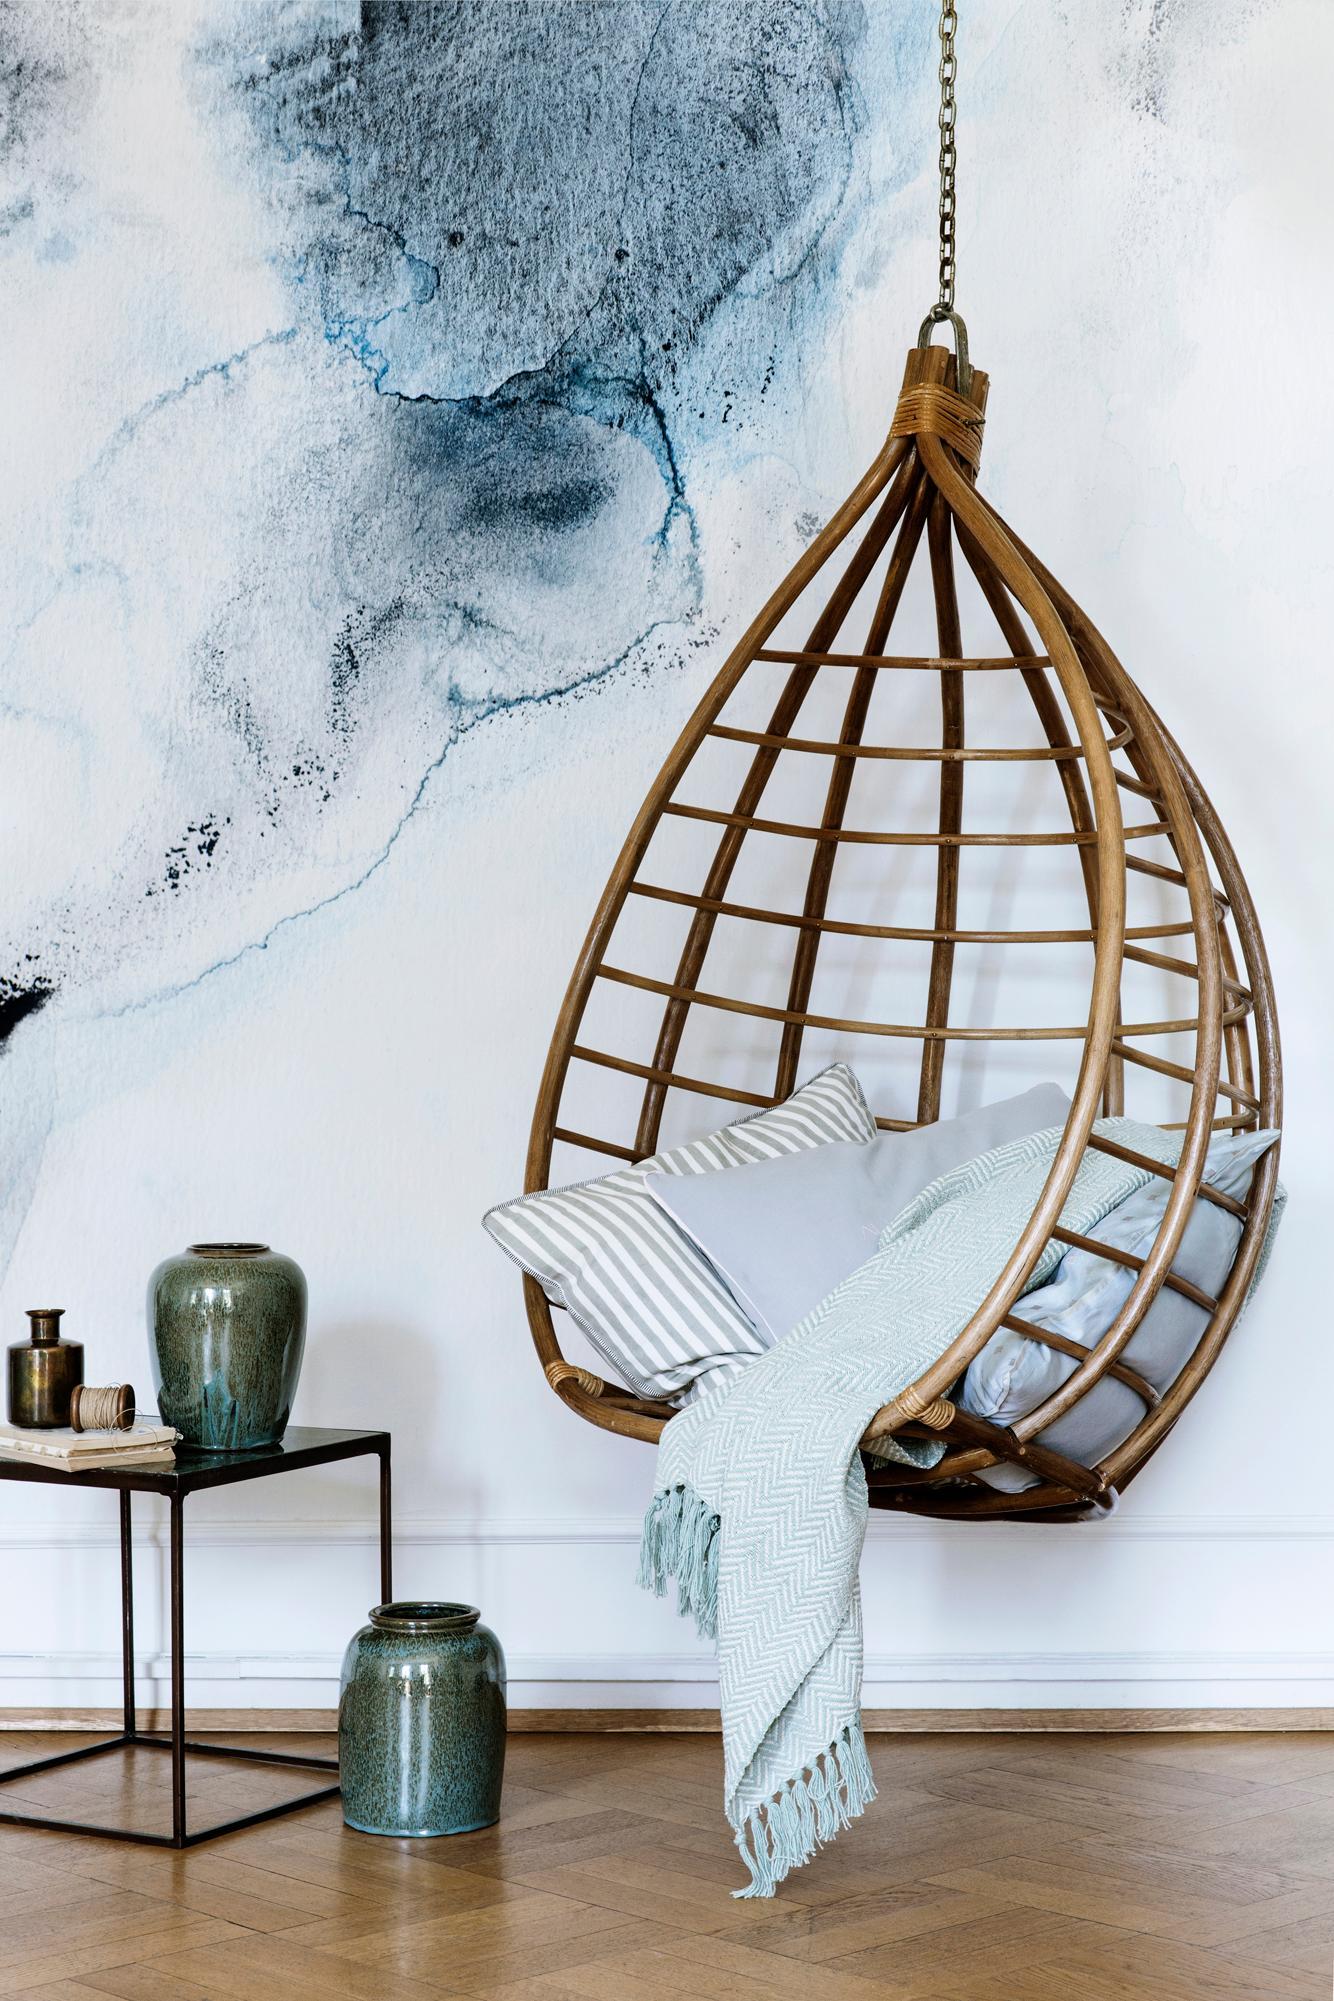 Hängesessel • Bilder & Ideen • Couchstyle